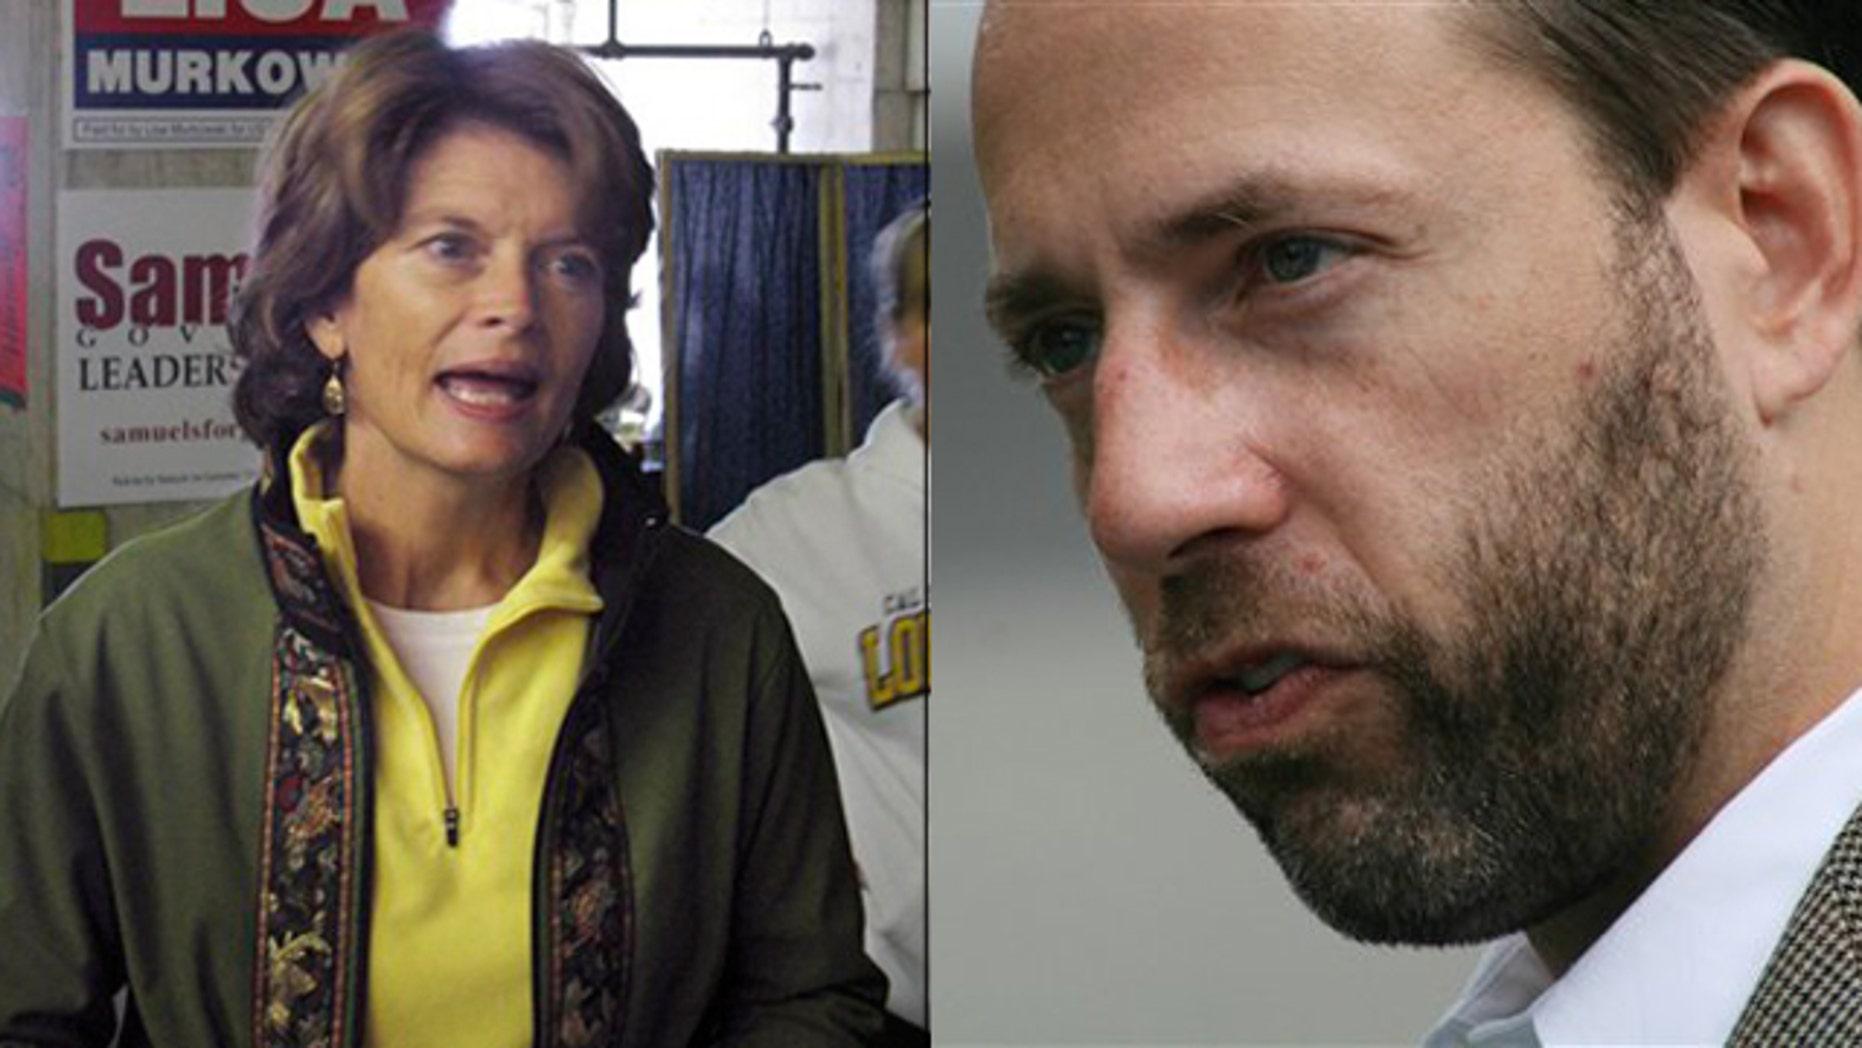 Shown here are Alaska Sen. Lisa Murkowski, left, and challenger Joe Miller. (AP Photos)